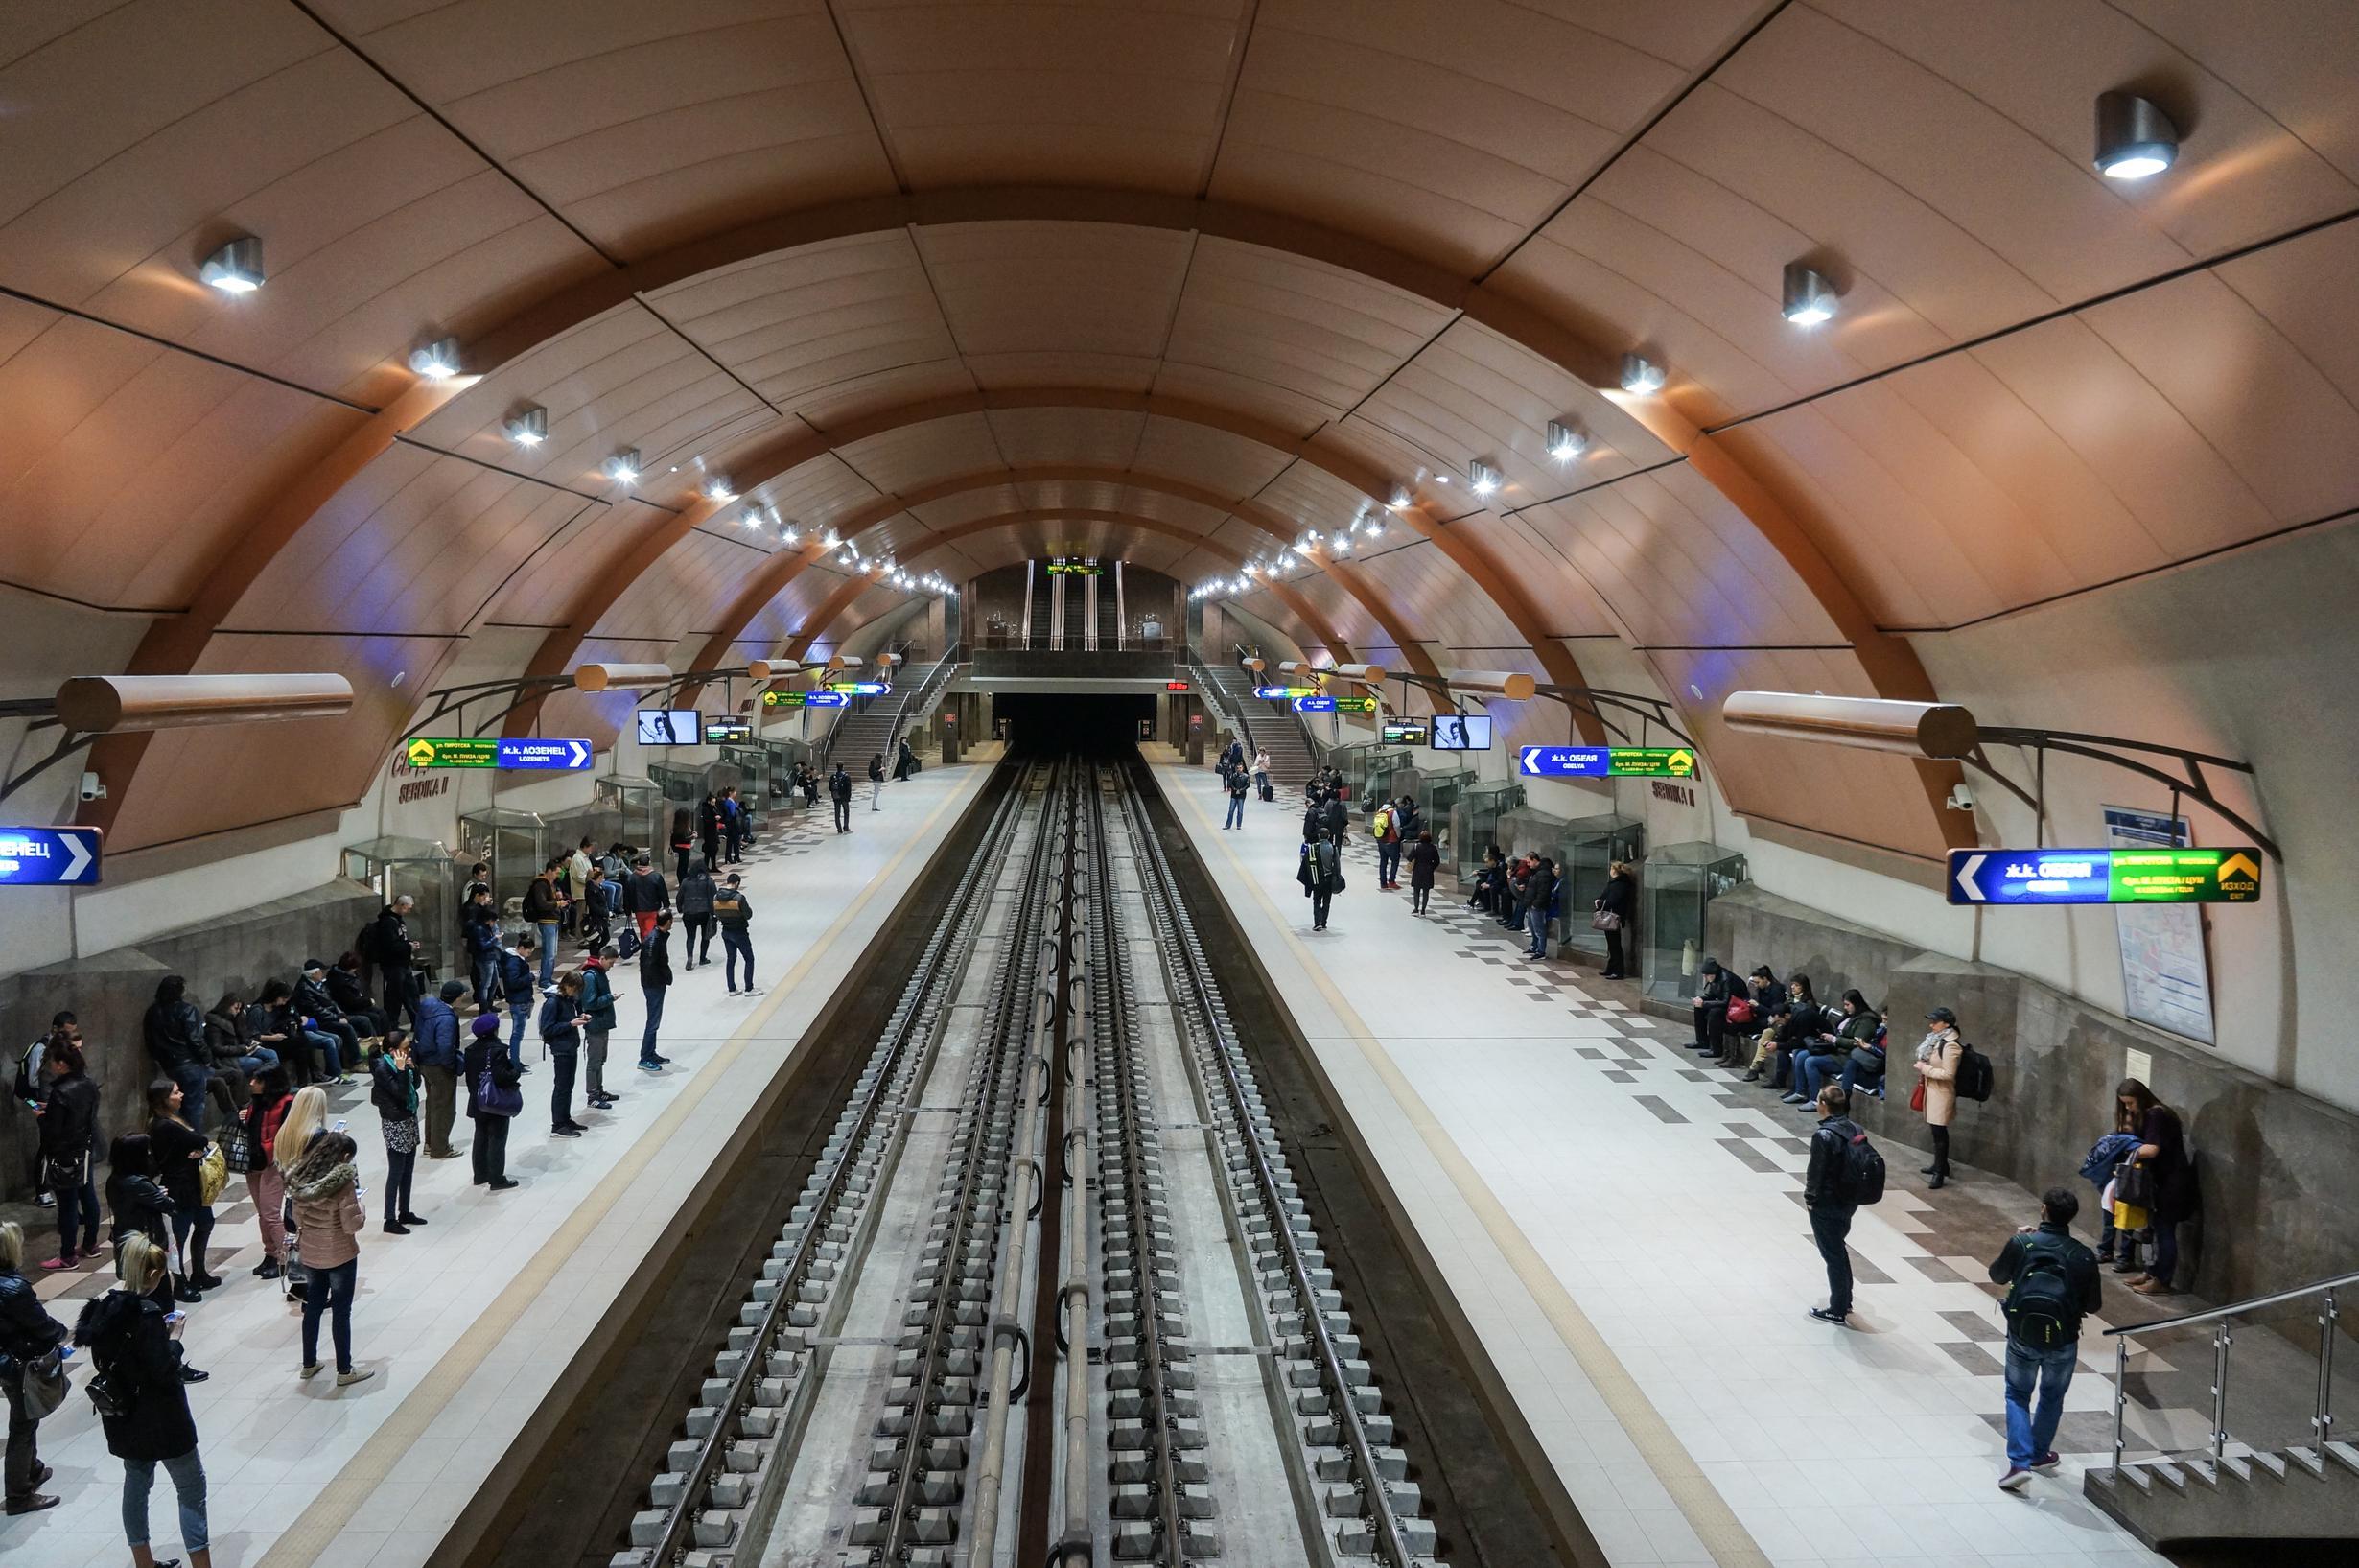 Die U-Bahnhöfe gehören zu den modernsten der Welt